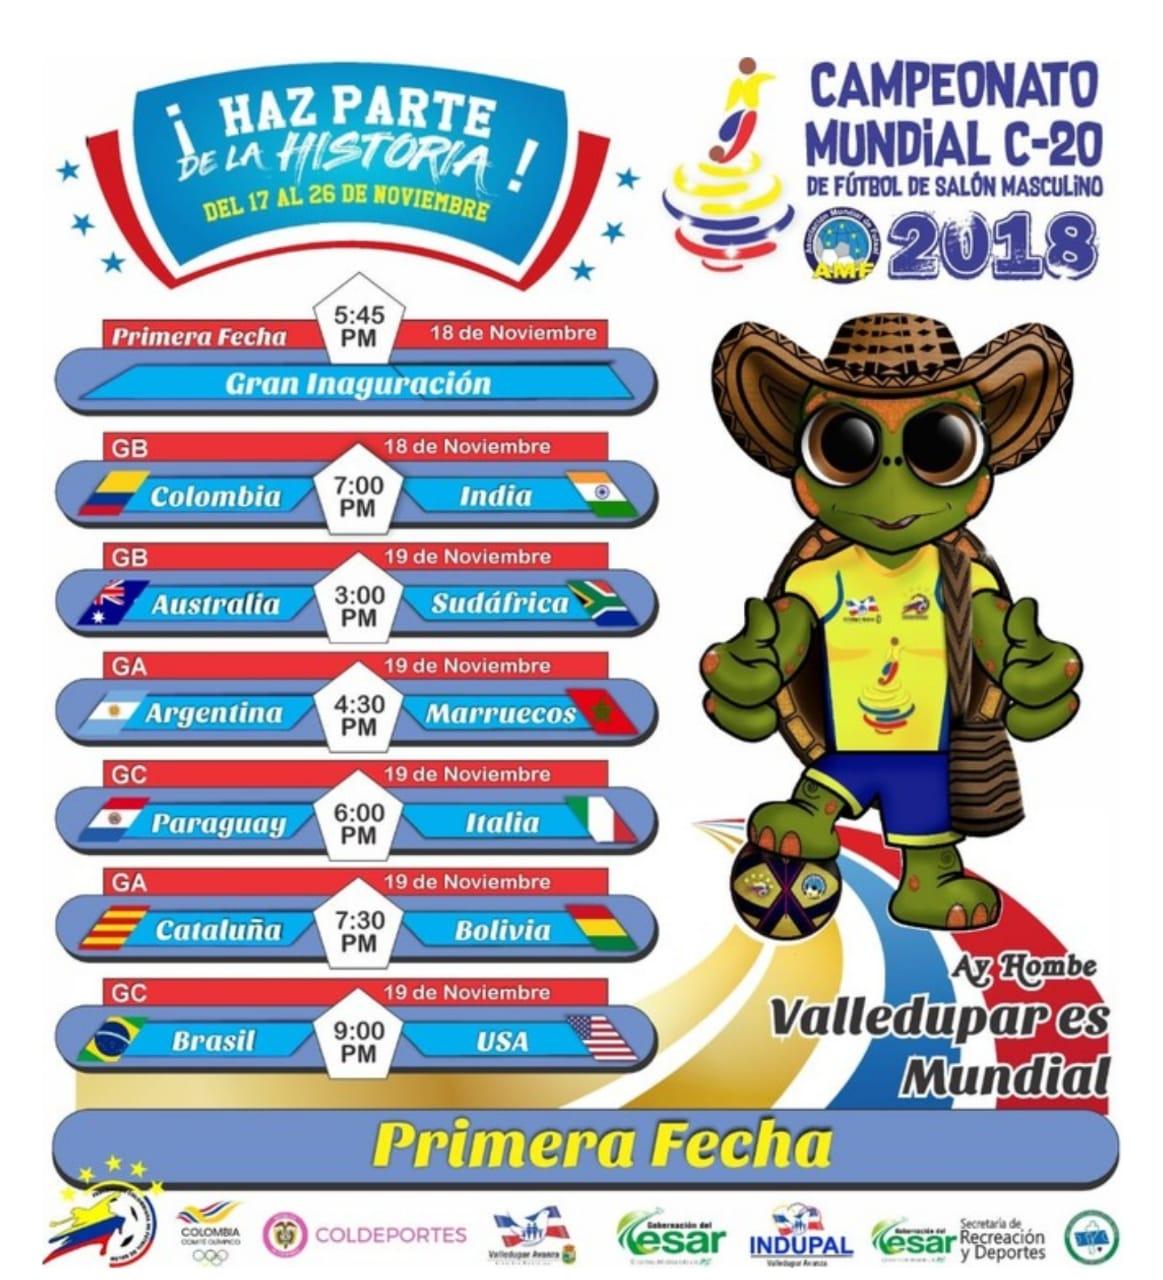 Mundial Fut Sala C20: Calendario